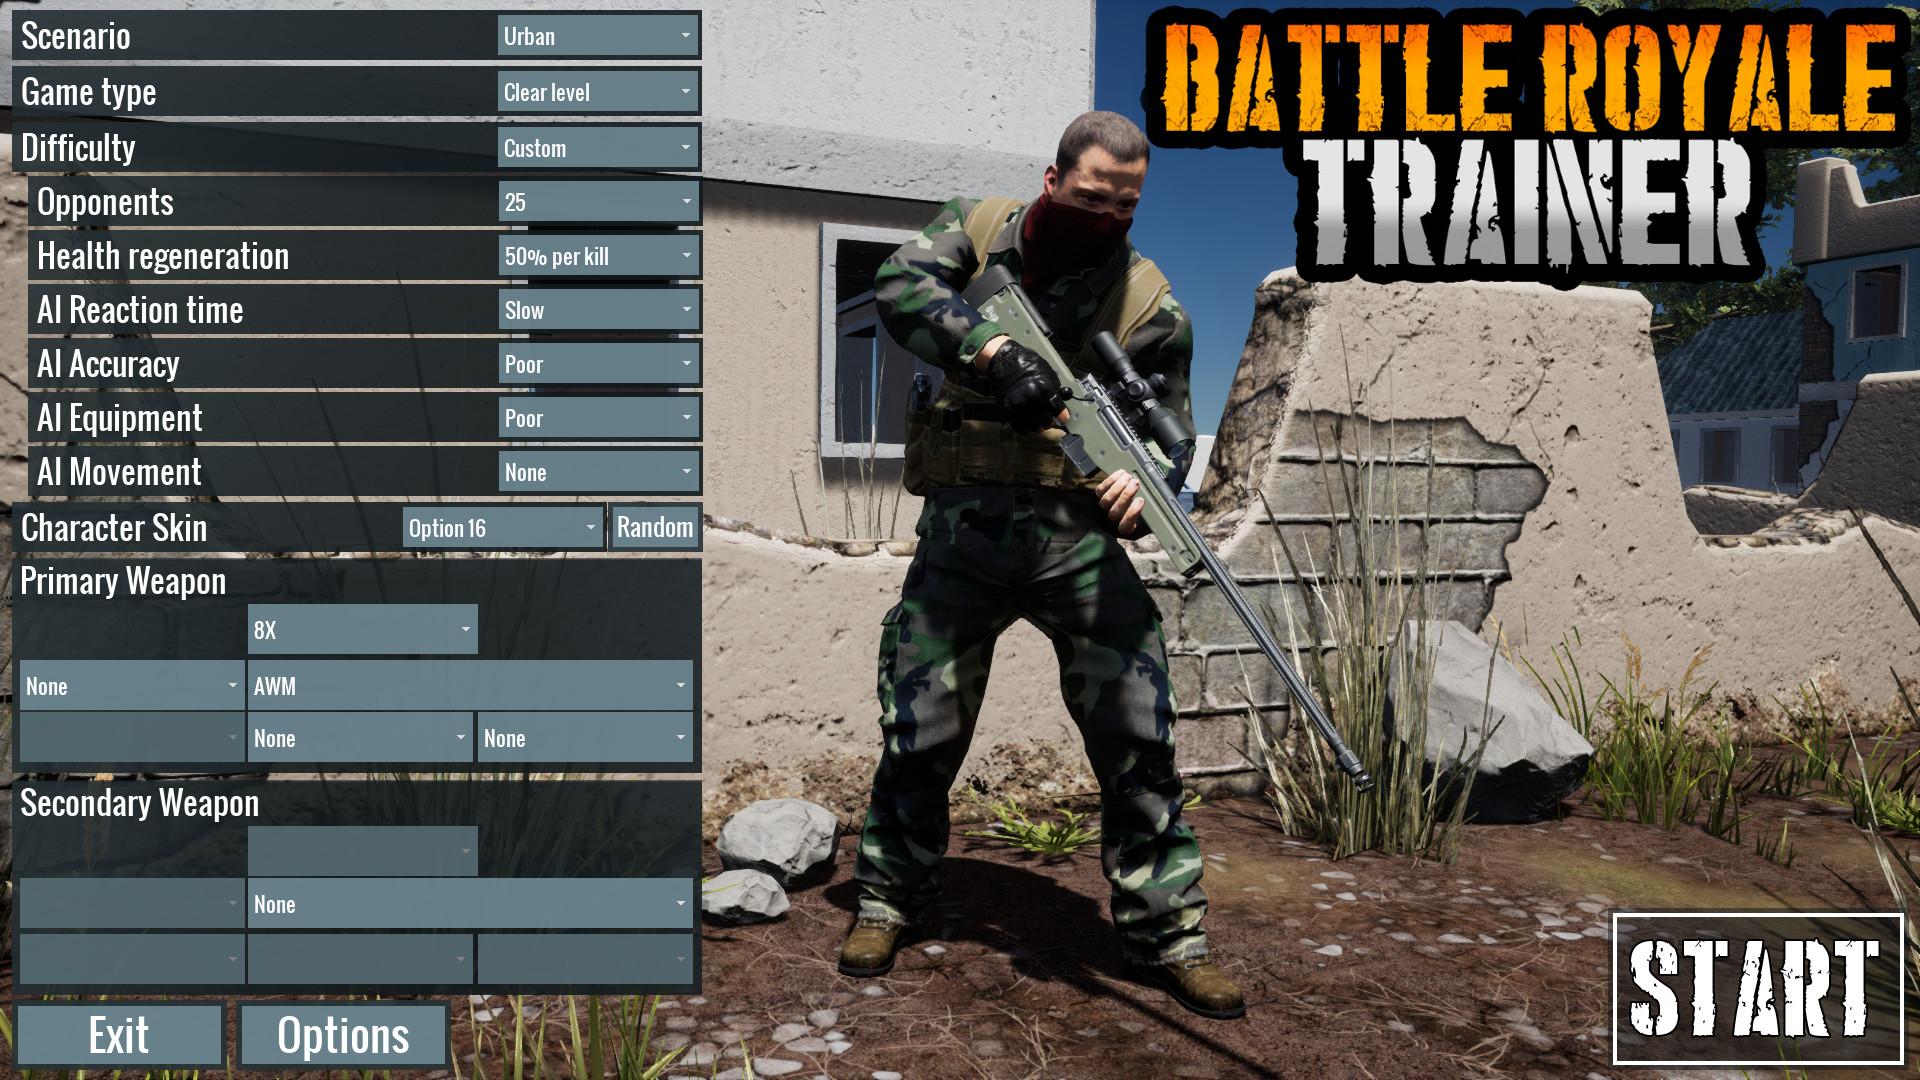 吃鸡模拟器/吃鸡教练/Battle Royale Trainer